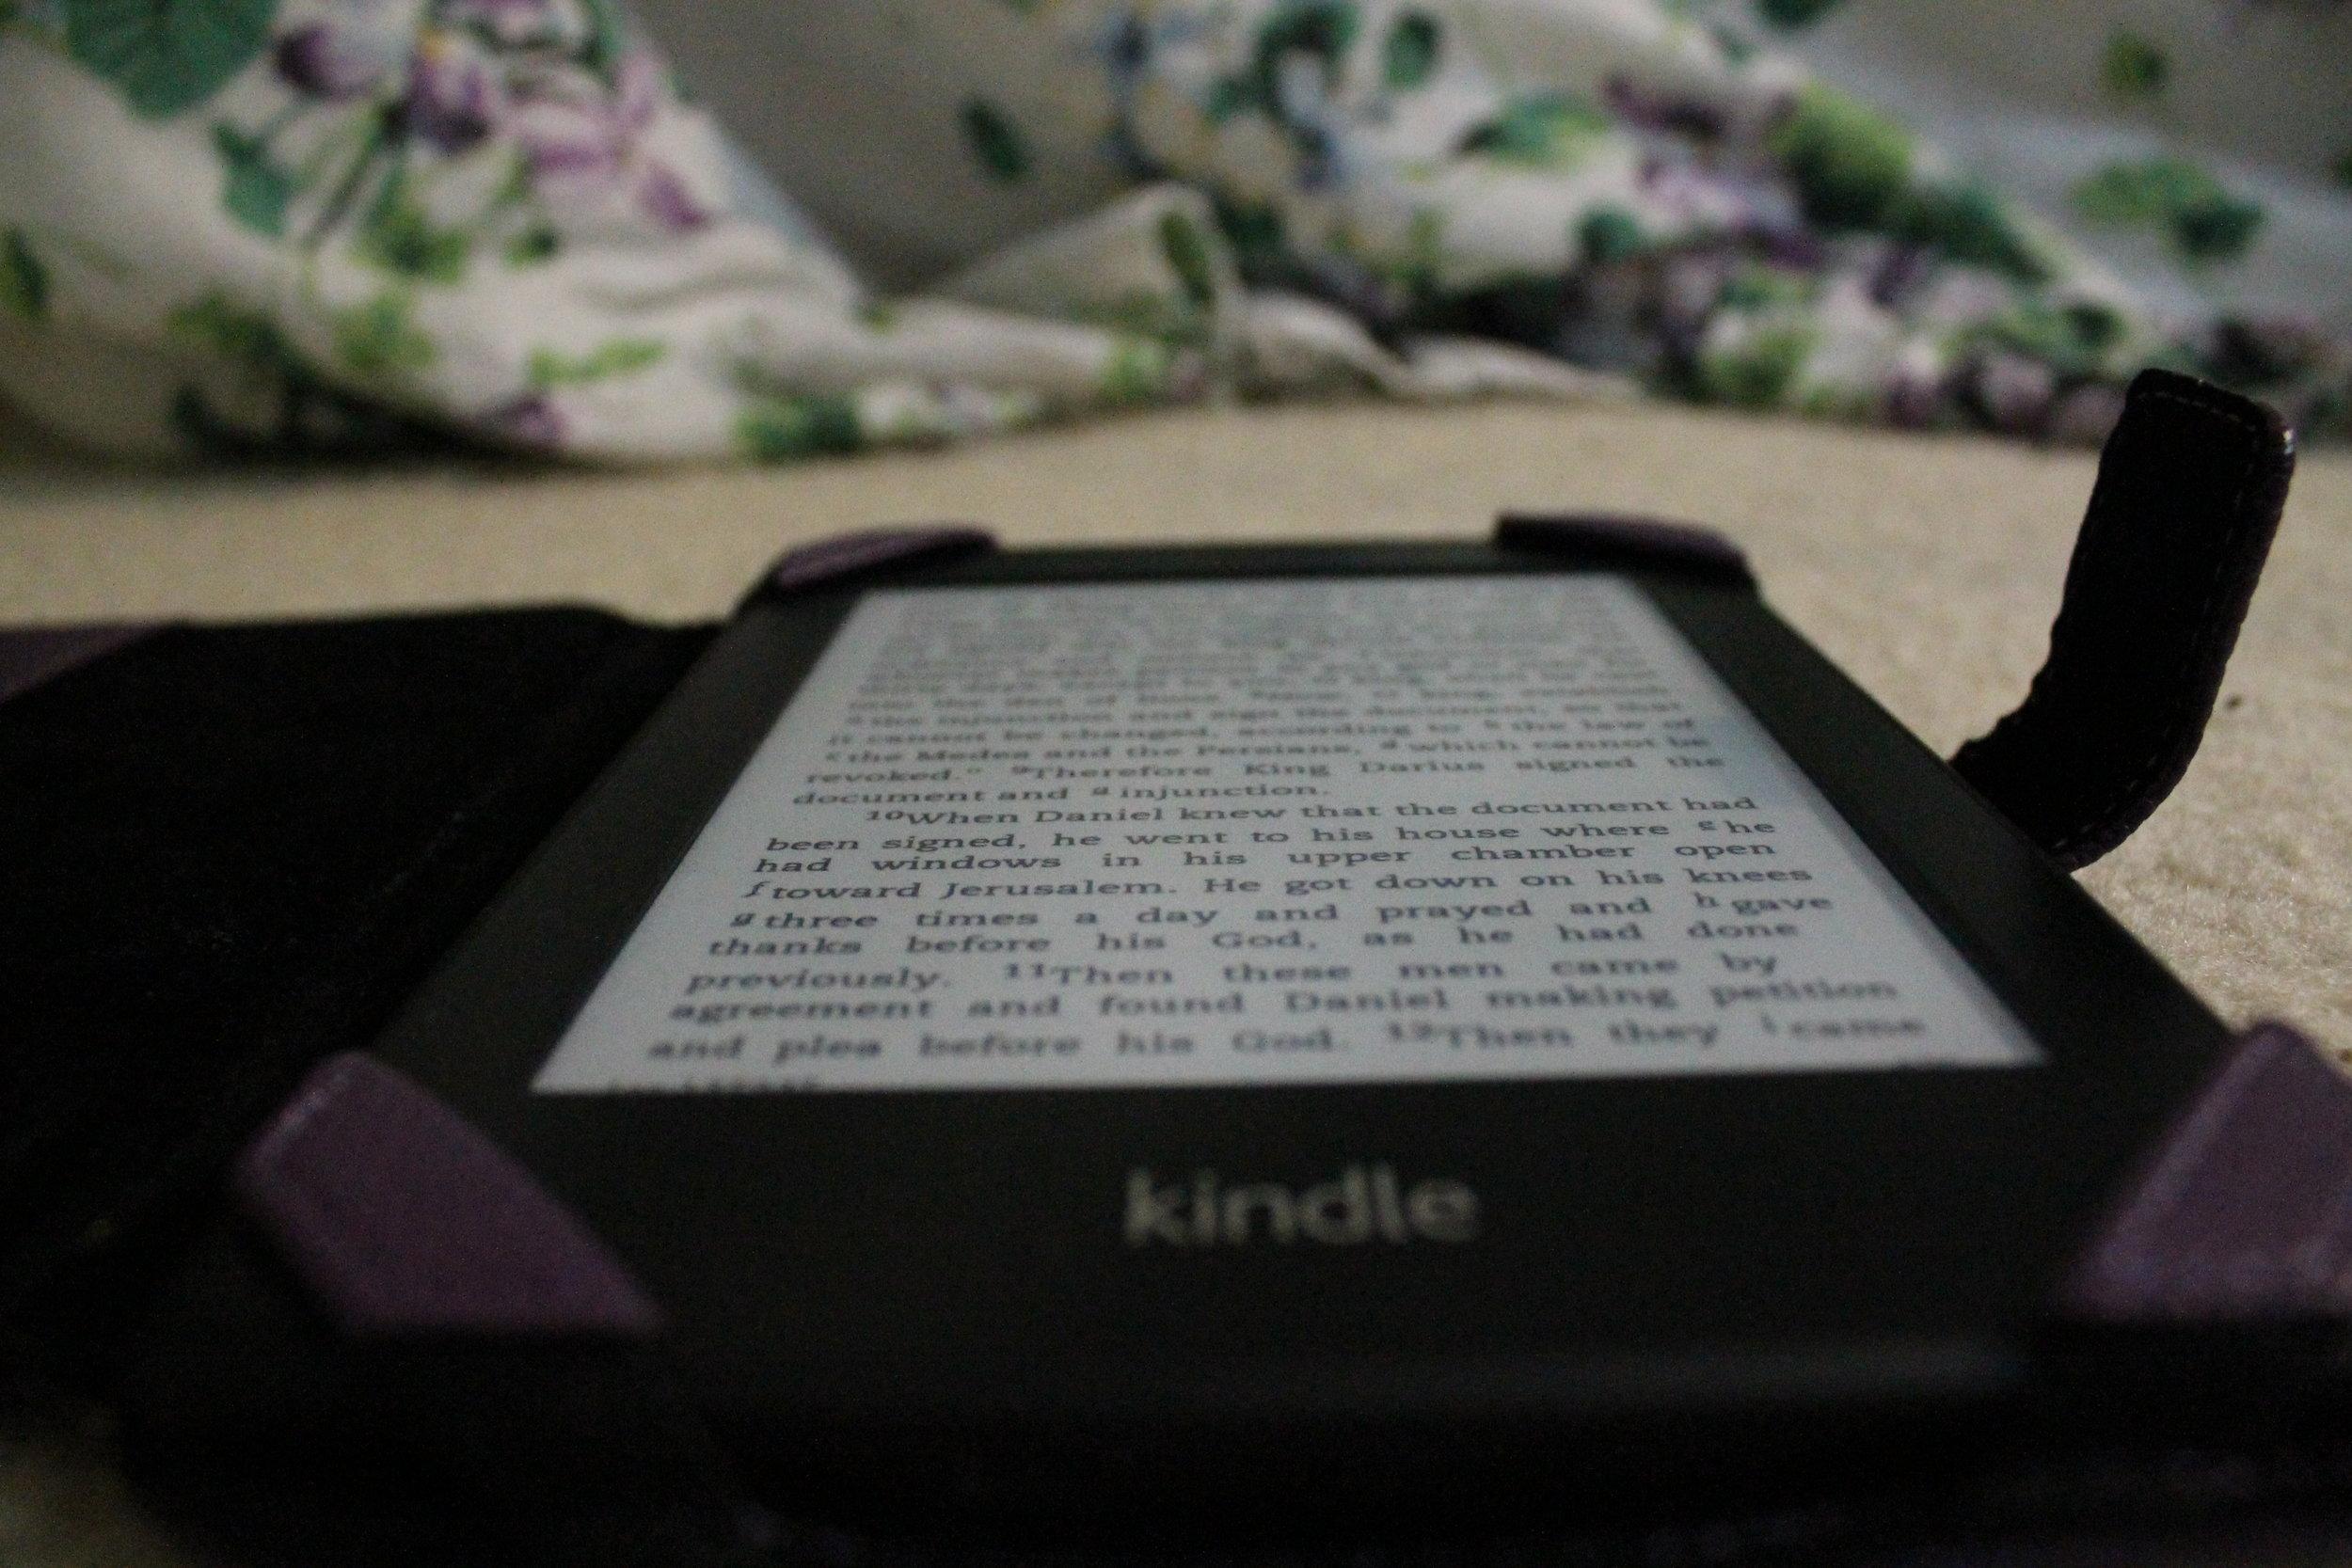 Kindle 009